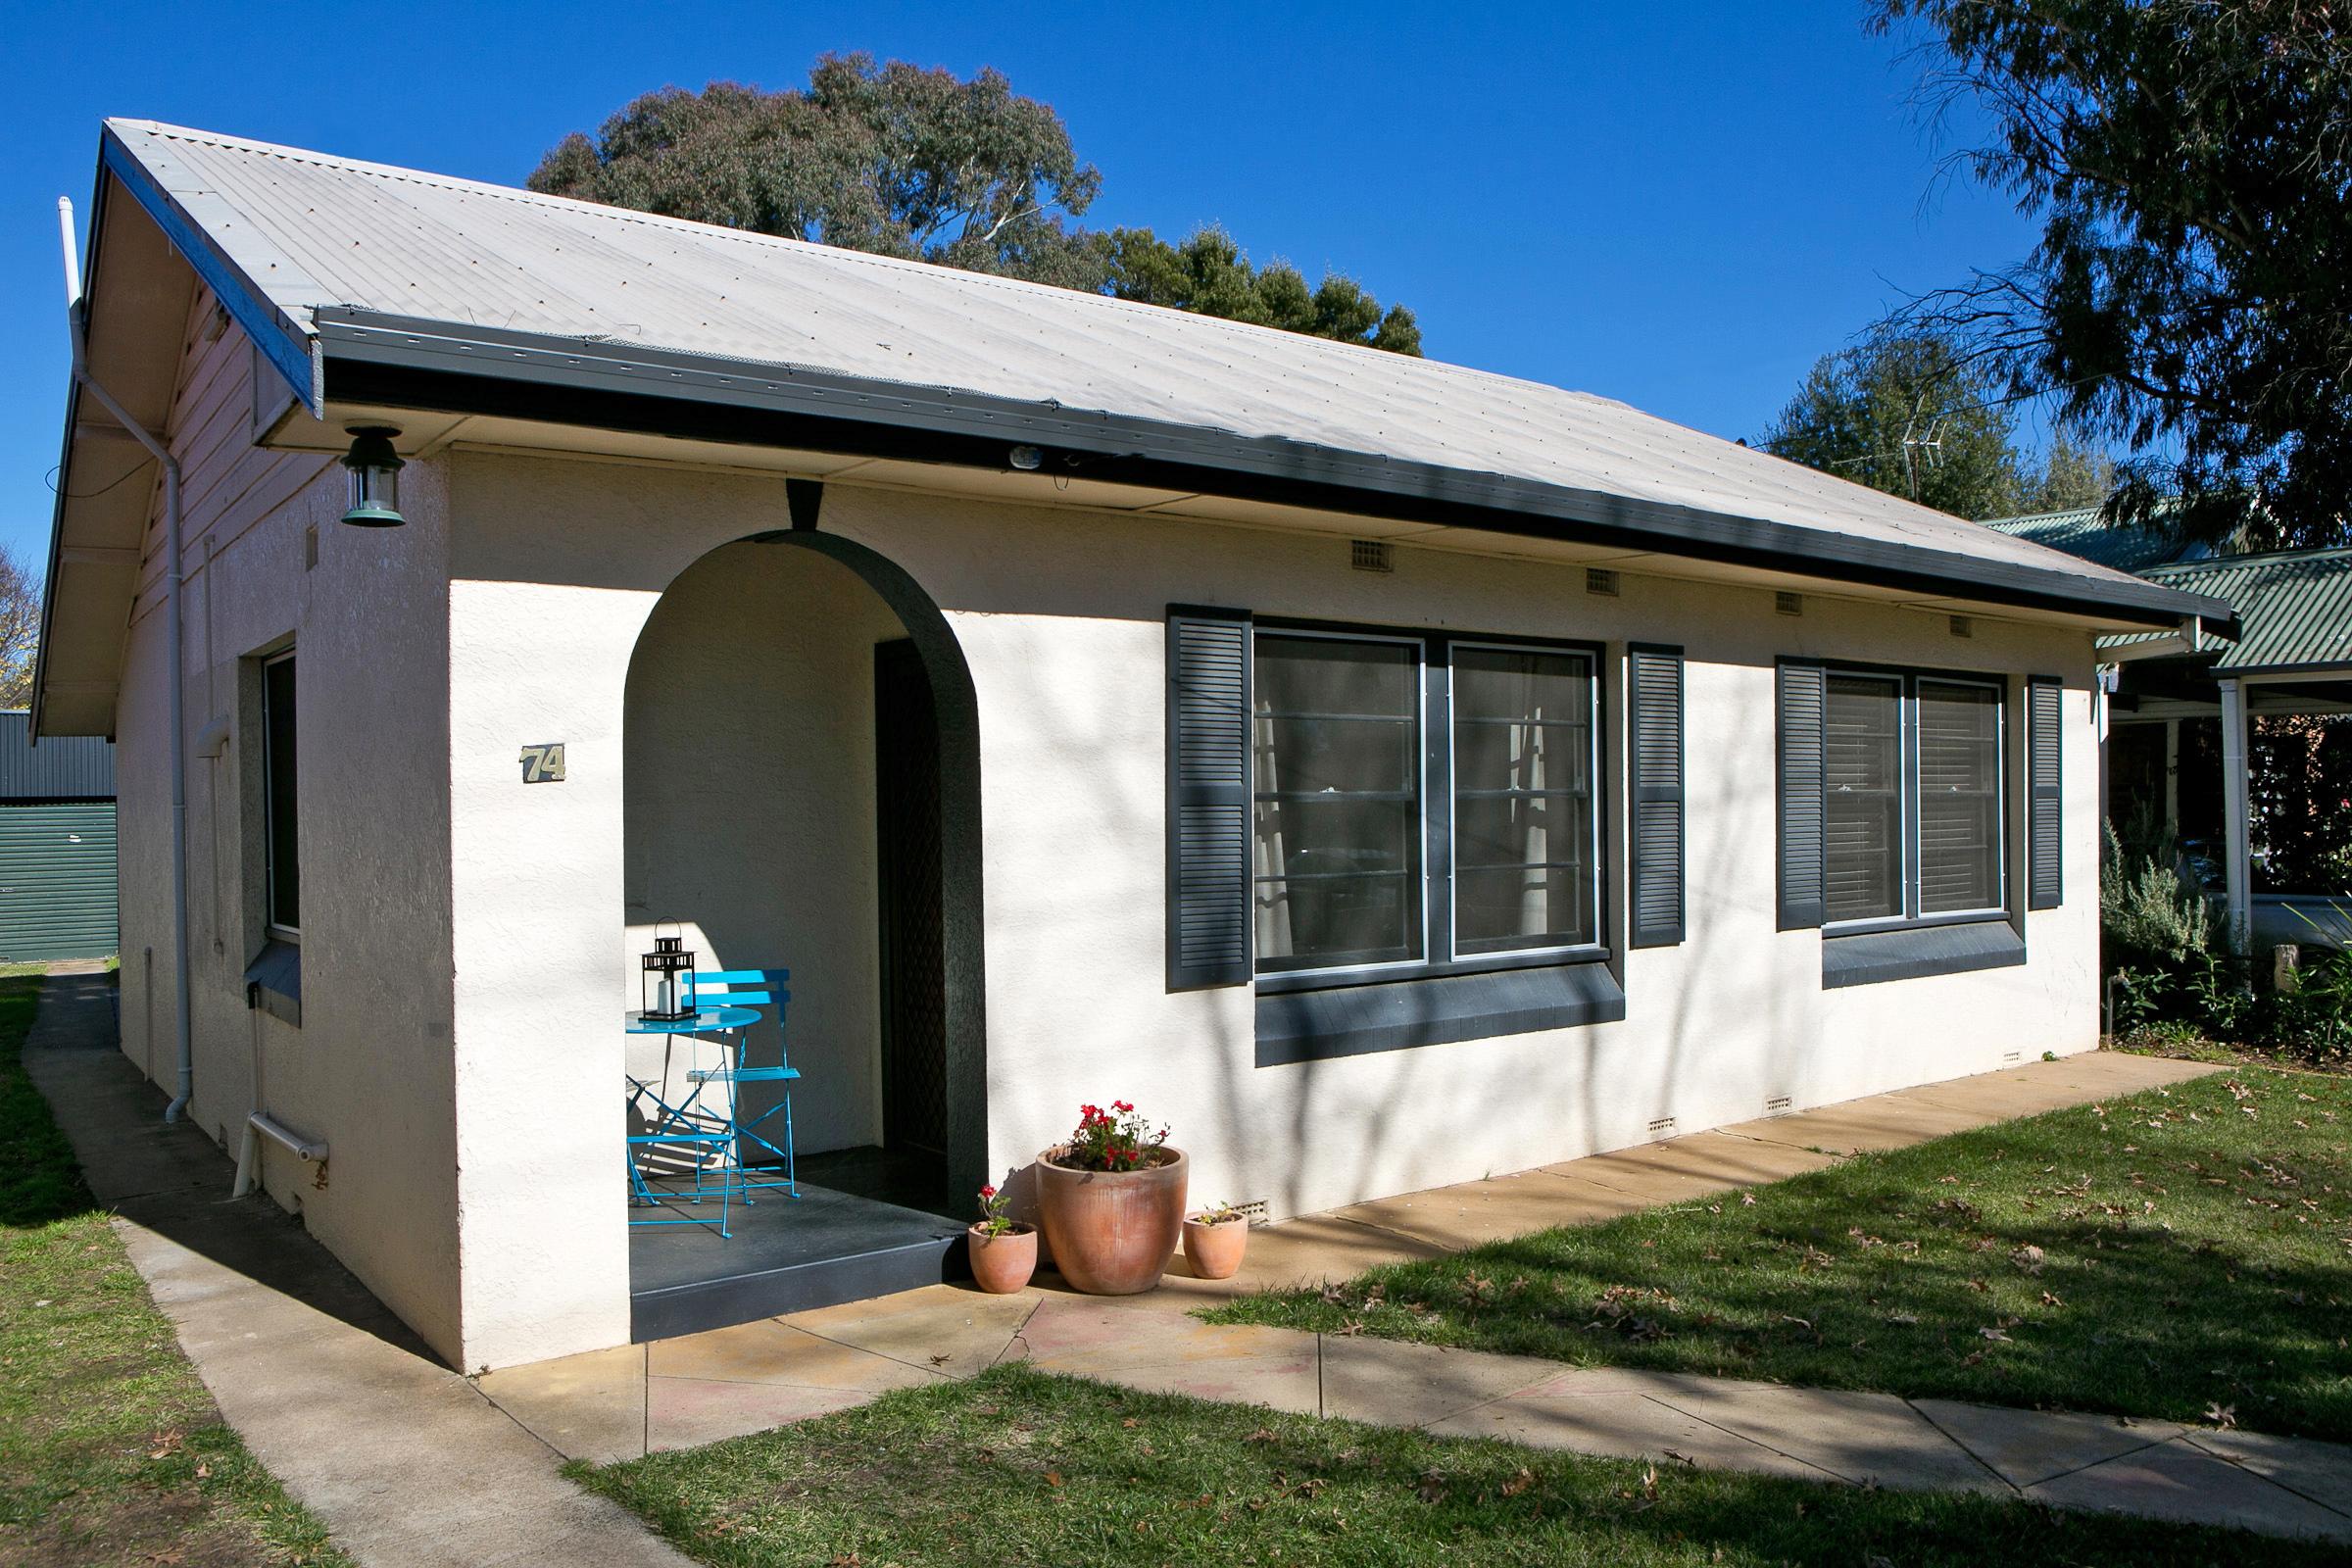 Casa Dolce Cottage - Cottages in Orange